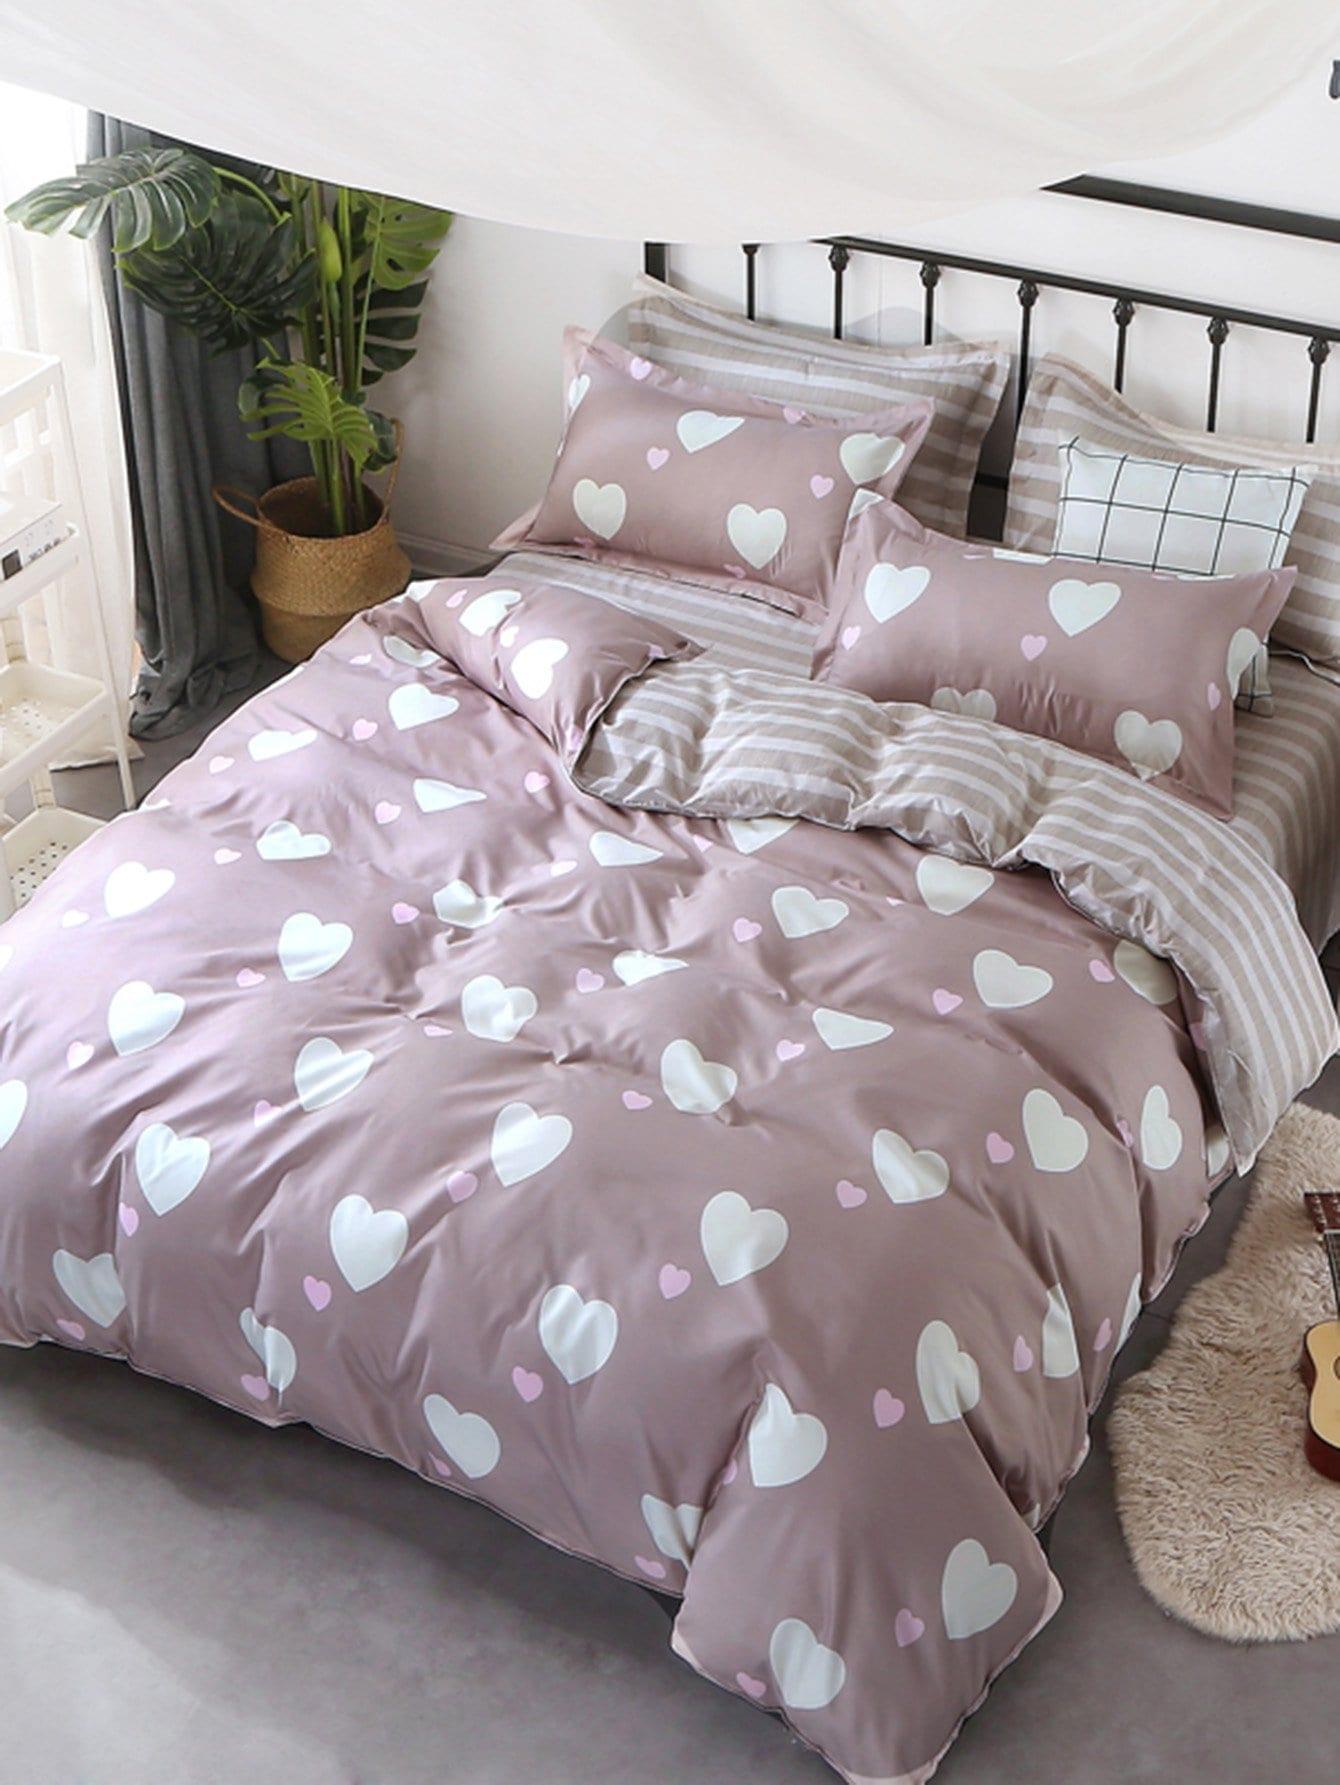 Купить Комплект полосатого постельного белья с рисунками сердцей, null, SheIn